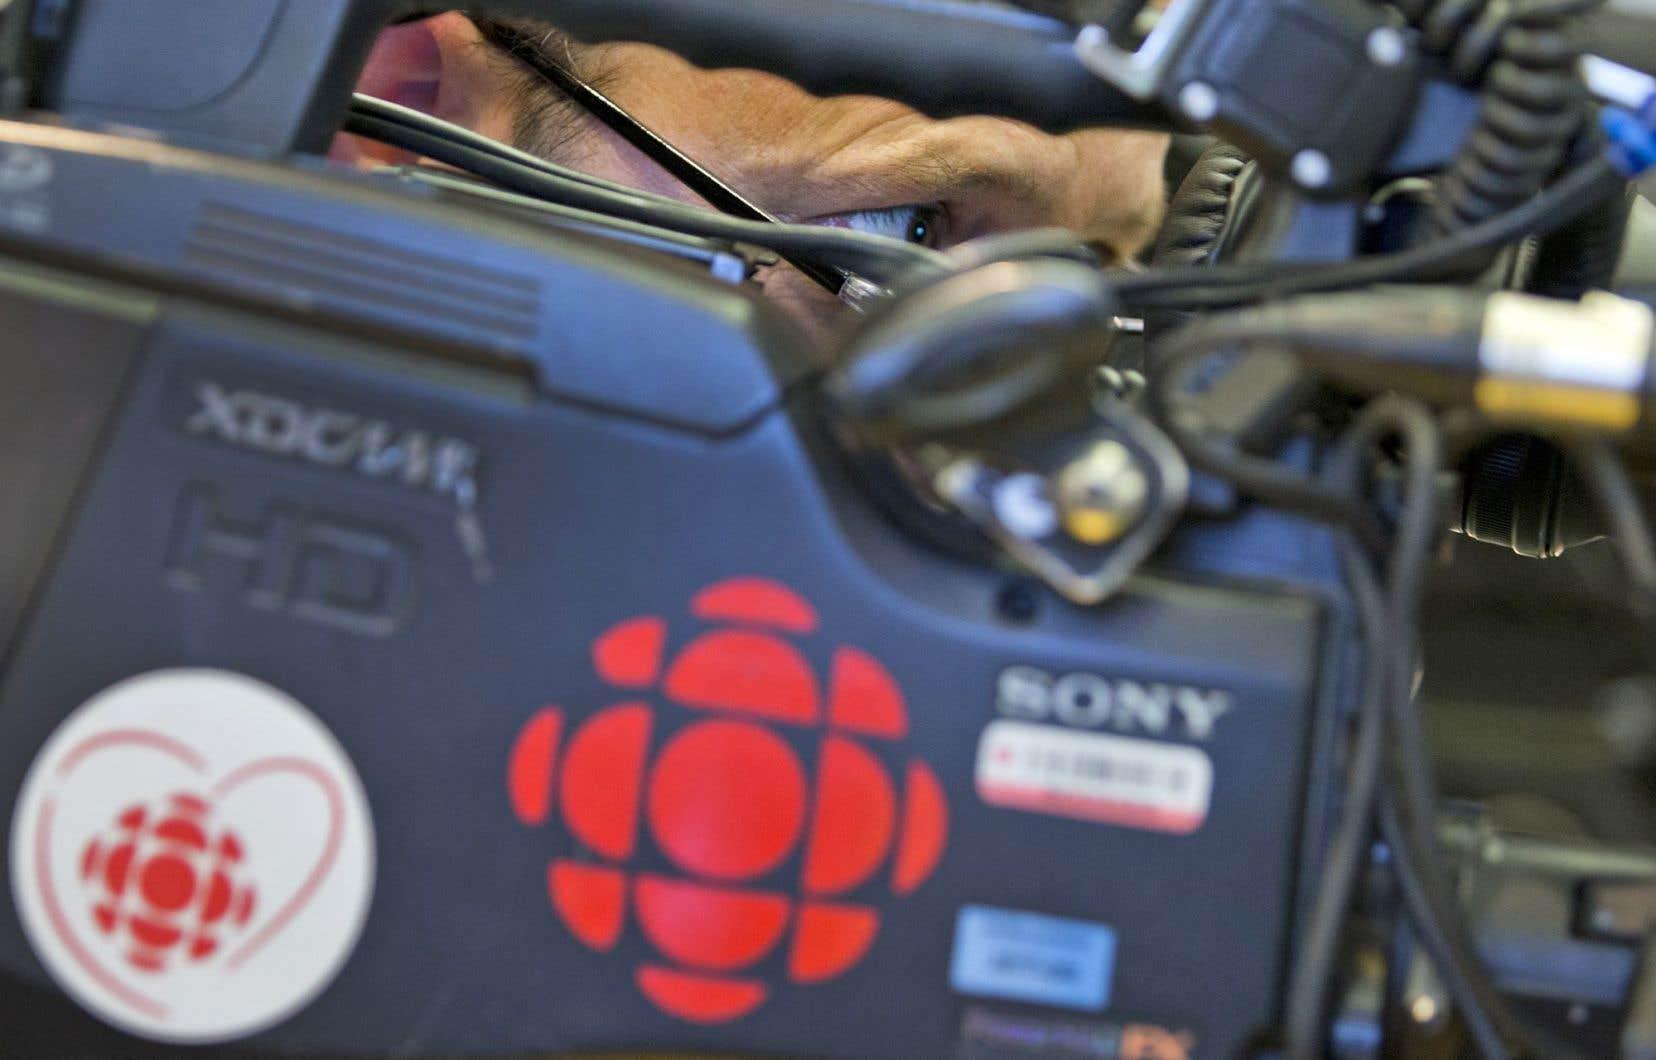 Le documentaire<em>La droite religieuse au Canada</em>, produit par la maison privée InformAction inc. et le réalisateur indépendant Jon Kalina, établit des liens entre le mouvement évangéliste et certaines positions du Parti conservateur au pouvoir.